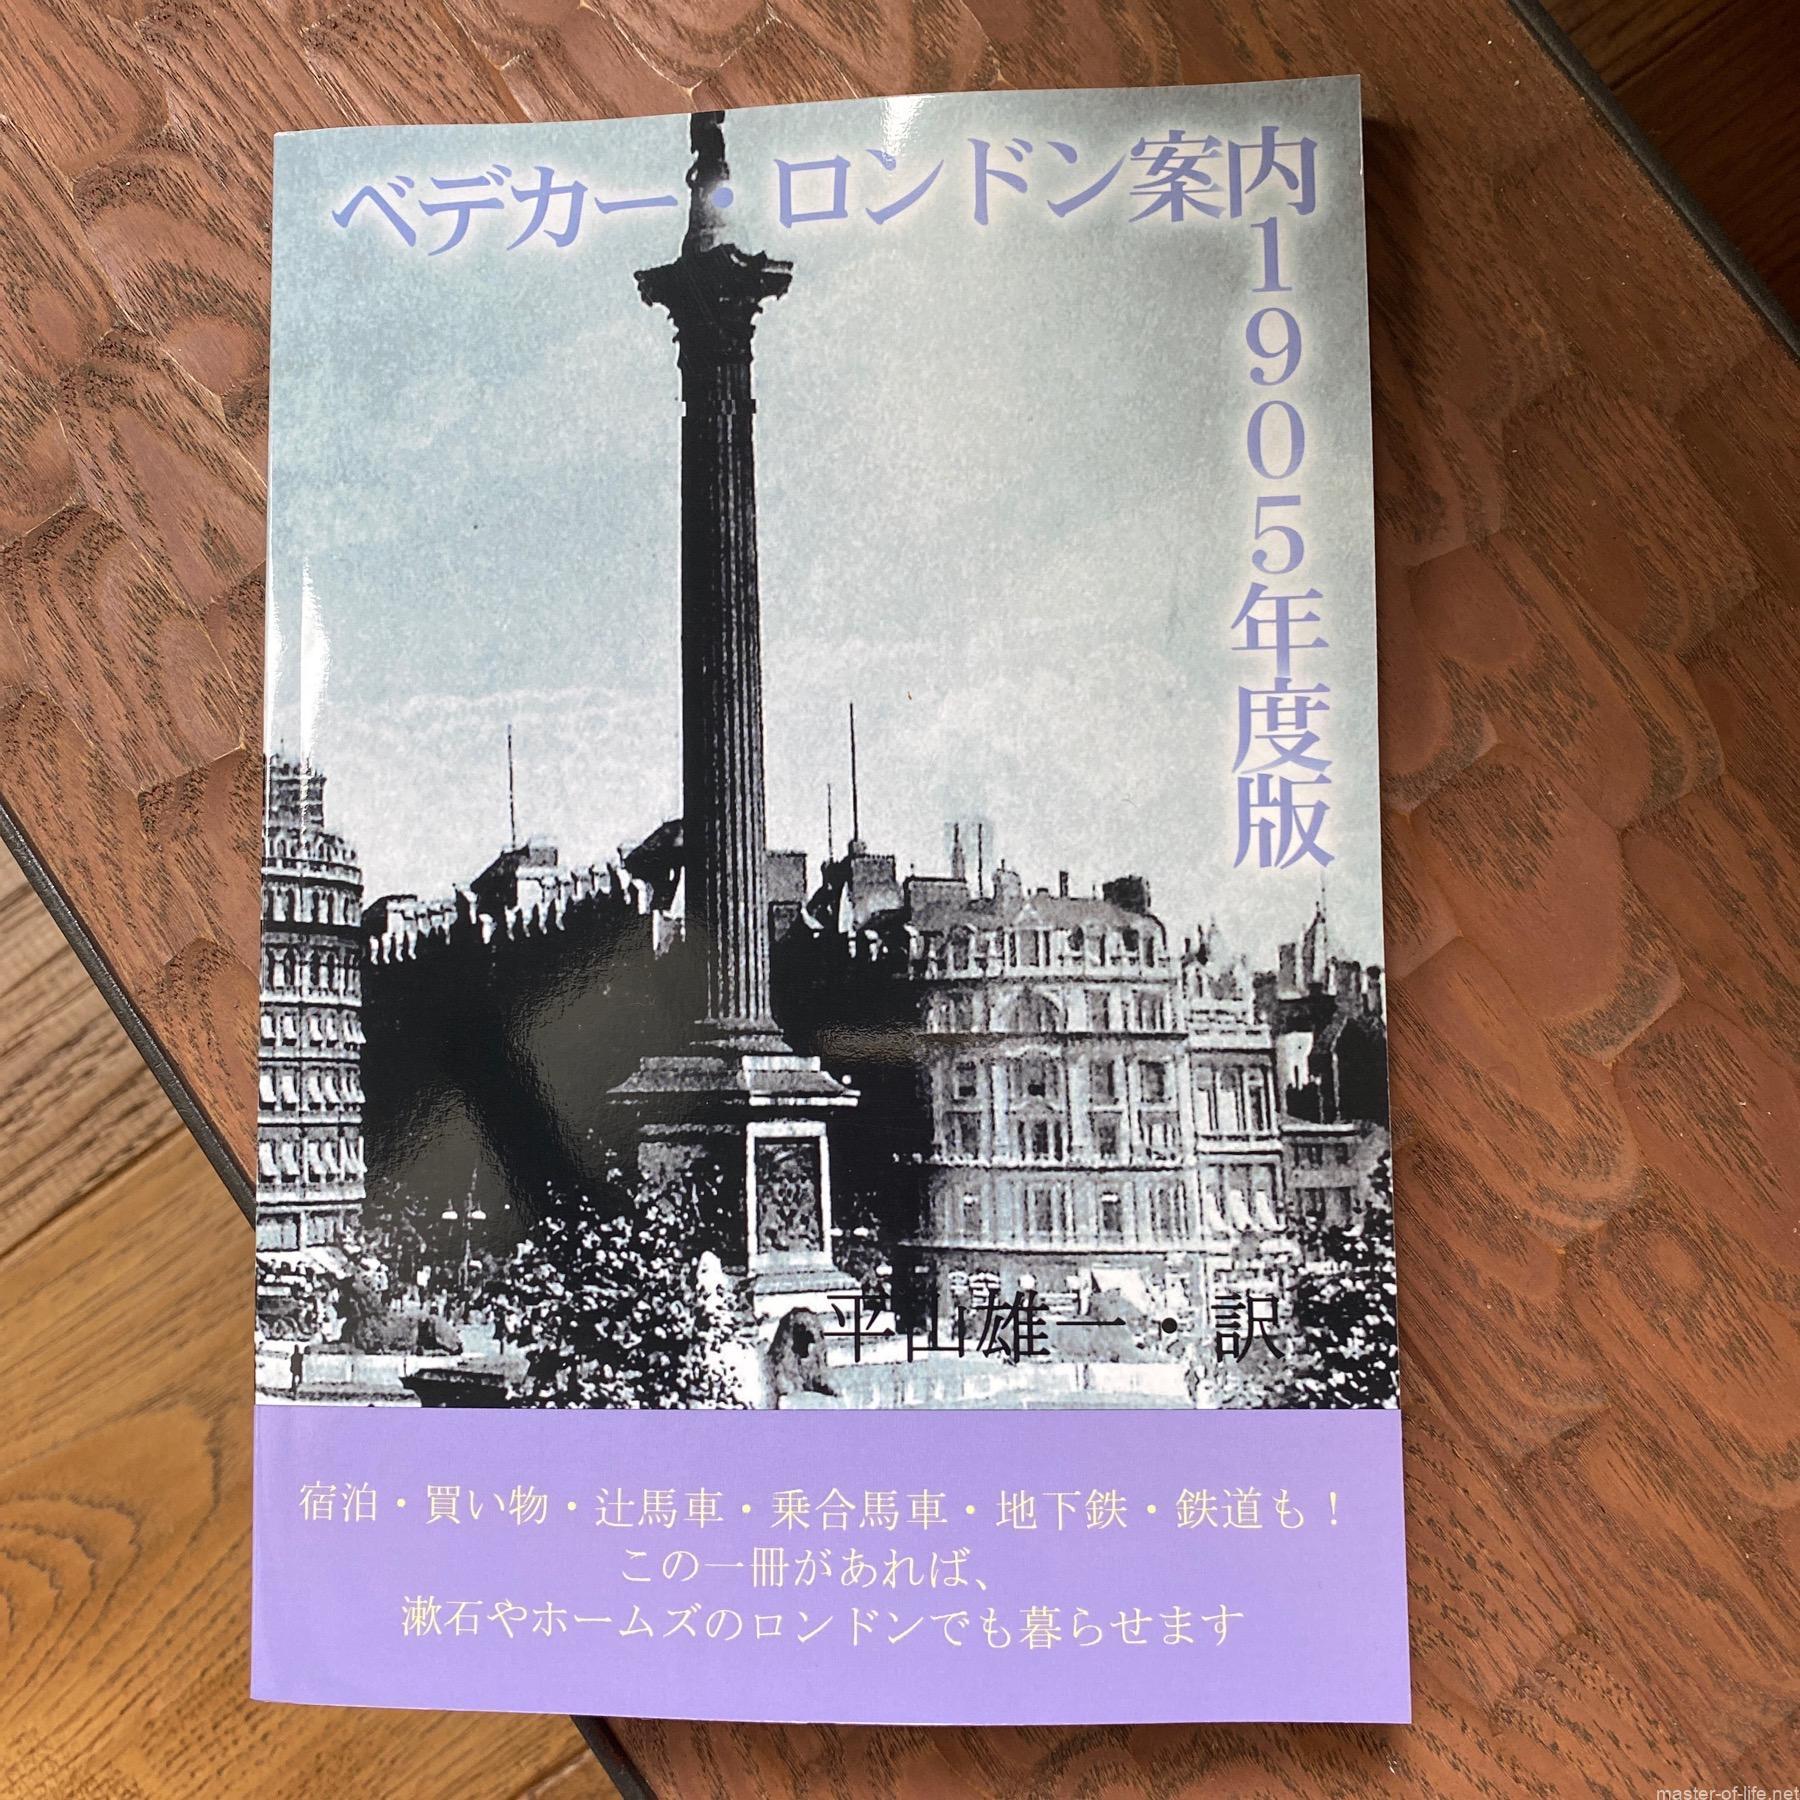 ベデカー・ロンドン案内1905年版